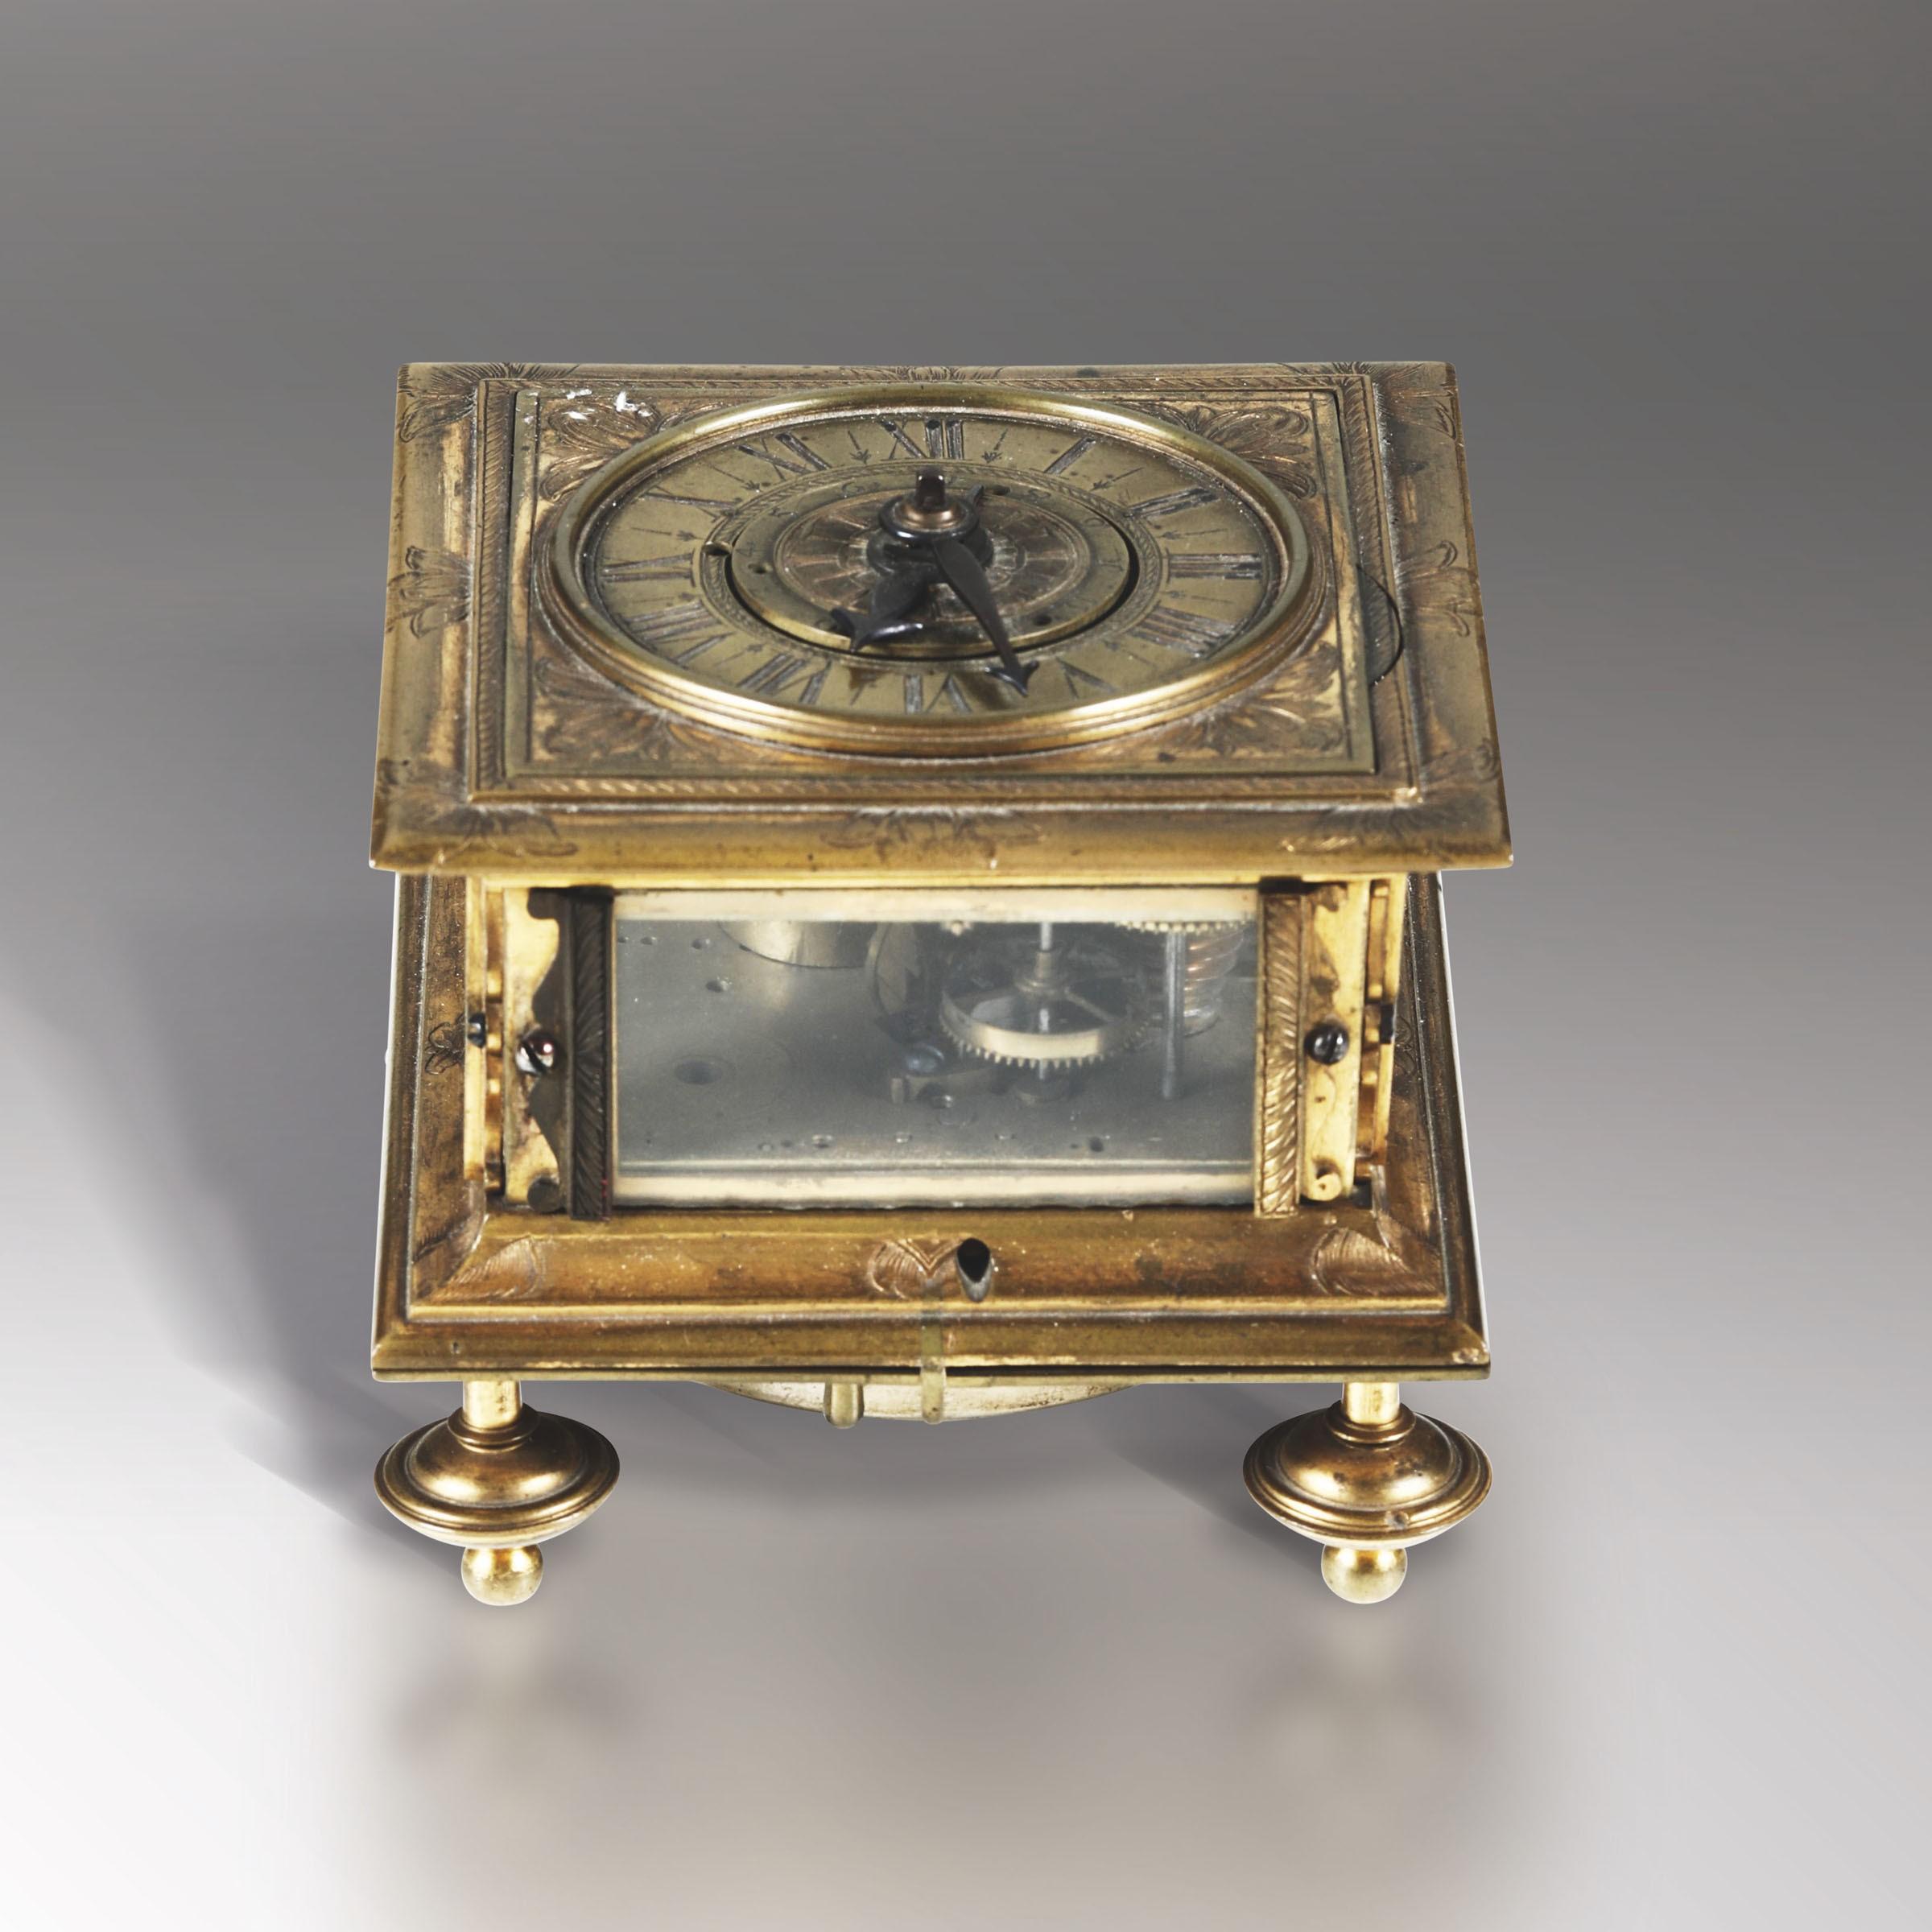 Lot 122 - Orologio a saliera in bronzo dorato con quadrante orizzontale. Davide Weberstug, XVII [...]